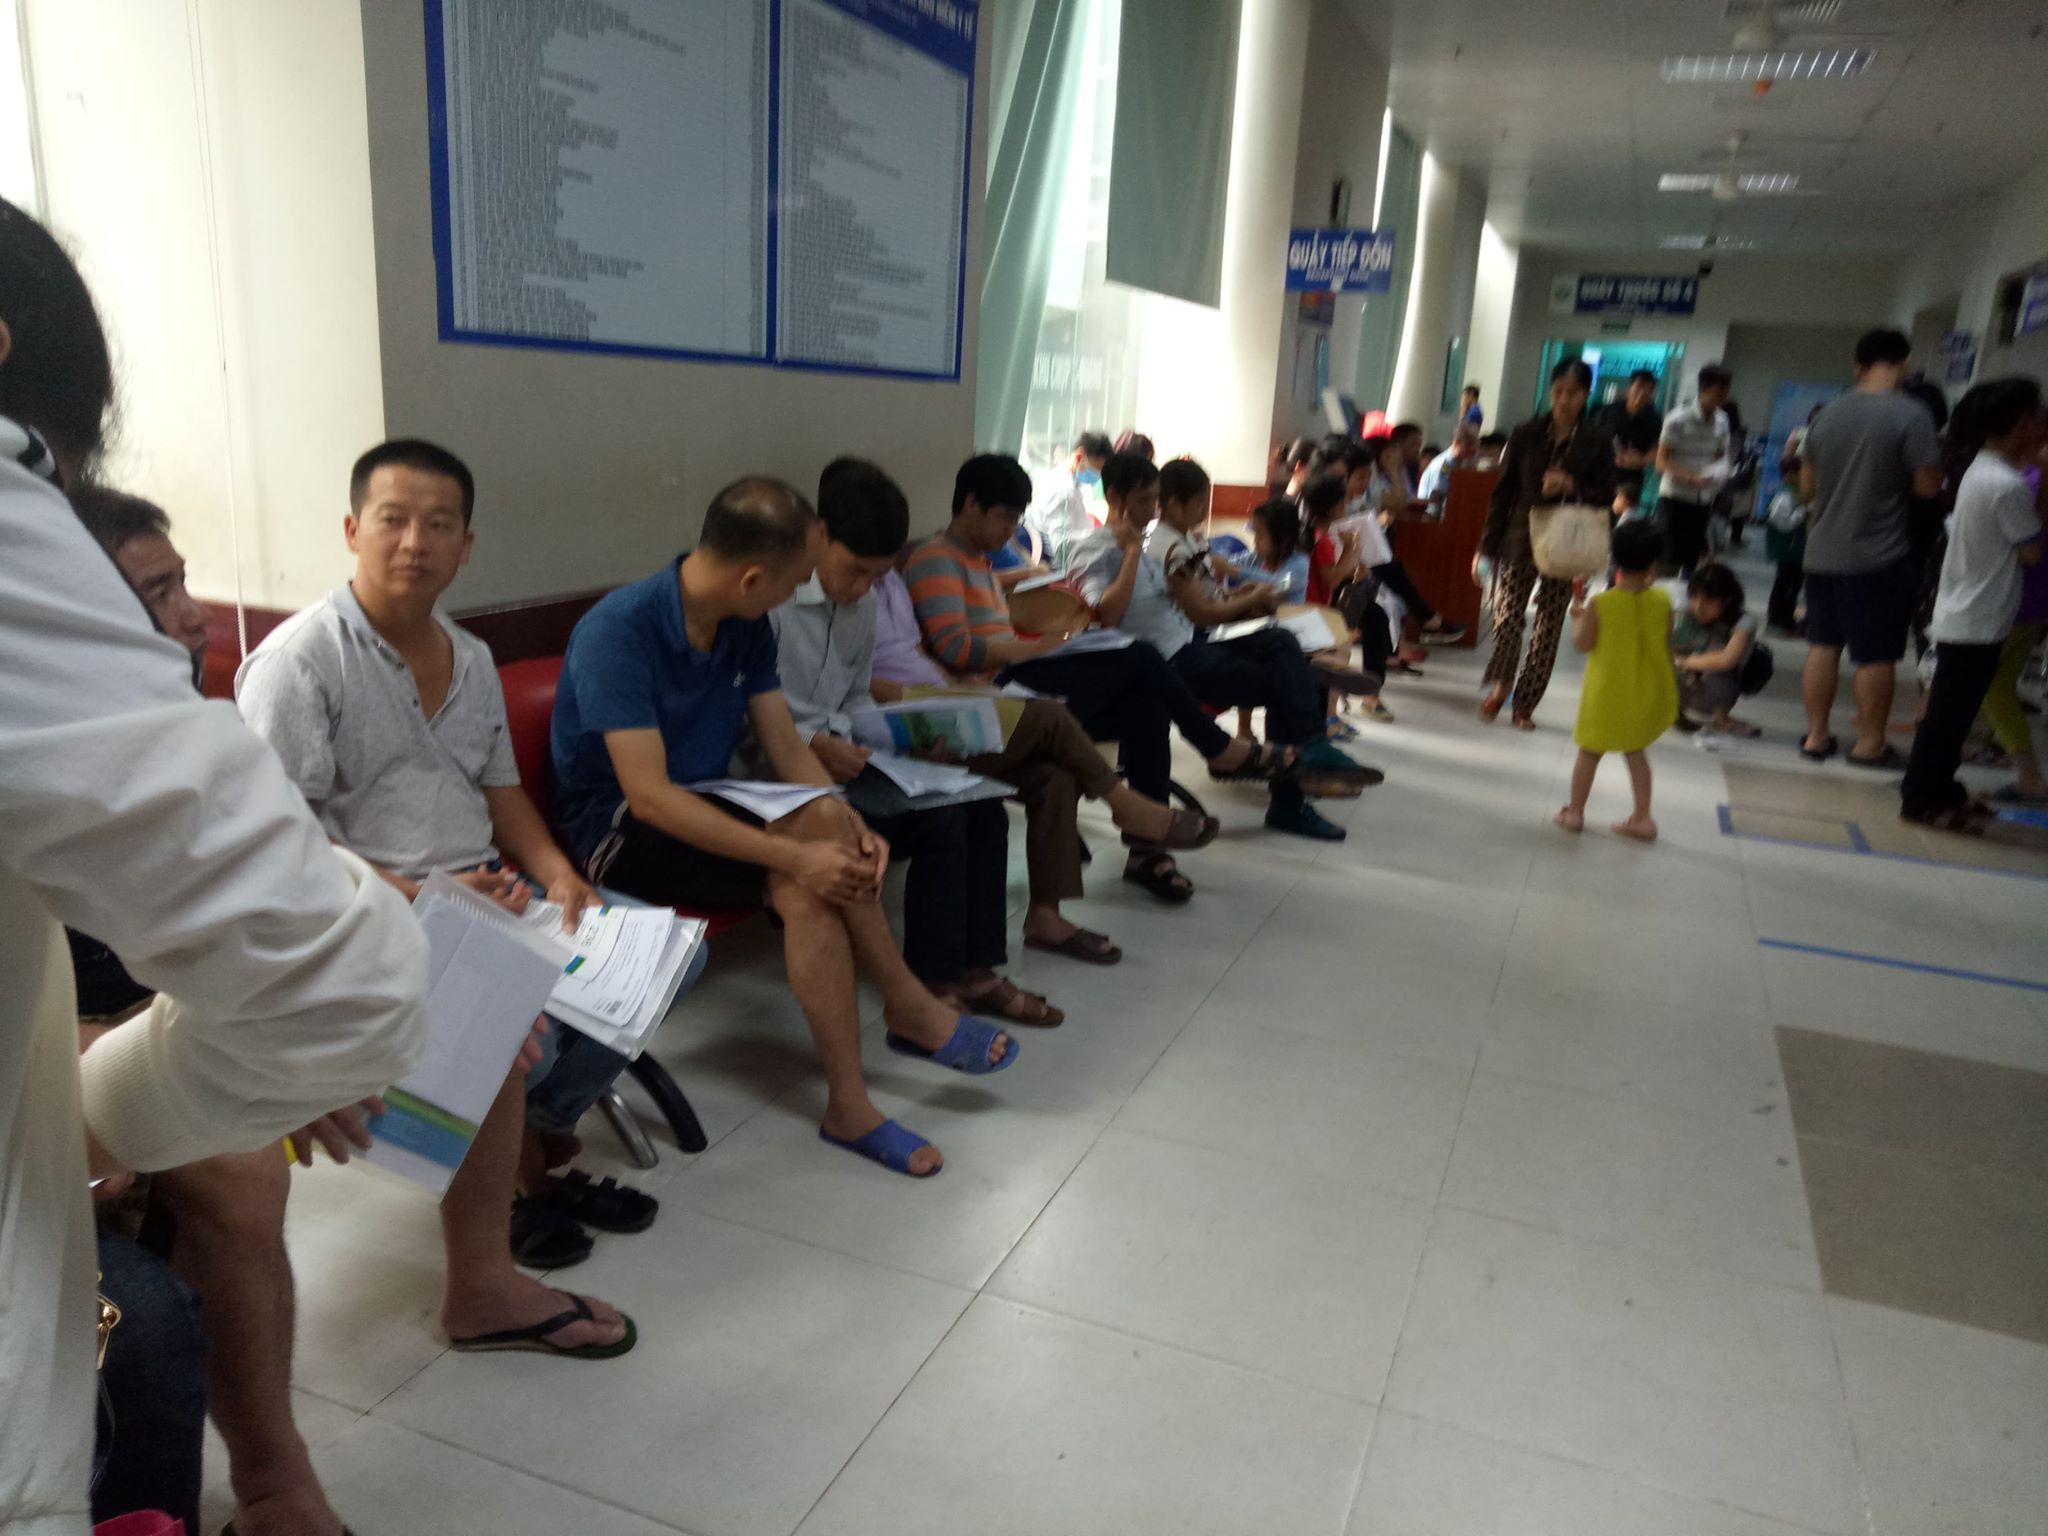 Đến thời điểm này, bệnh nhân tại bệnh viện Nhi Hà Nội vẫn chủ yếu dùng sổ khám bệnh là chính (Ảnh BM)